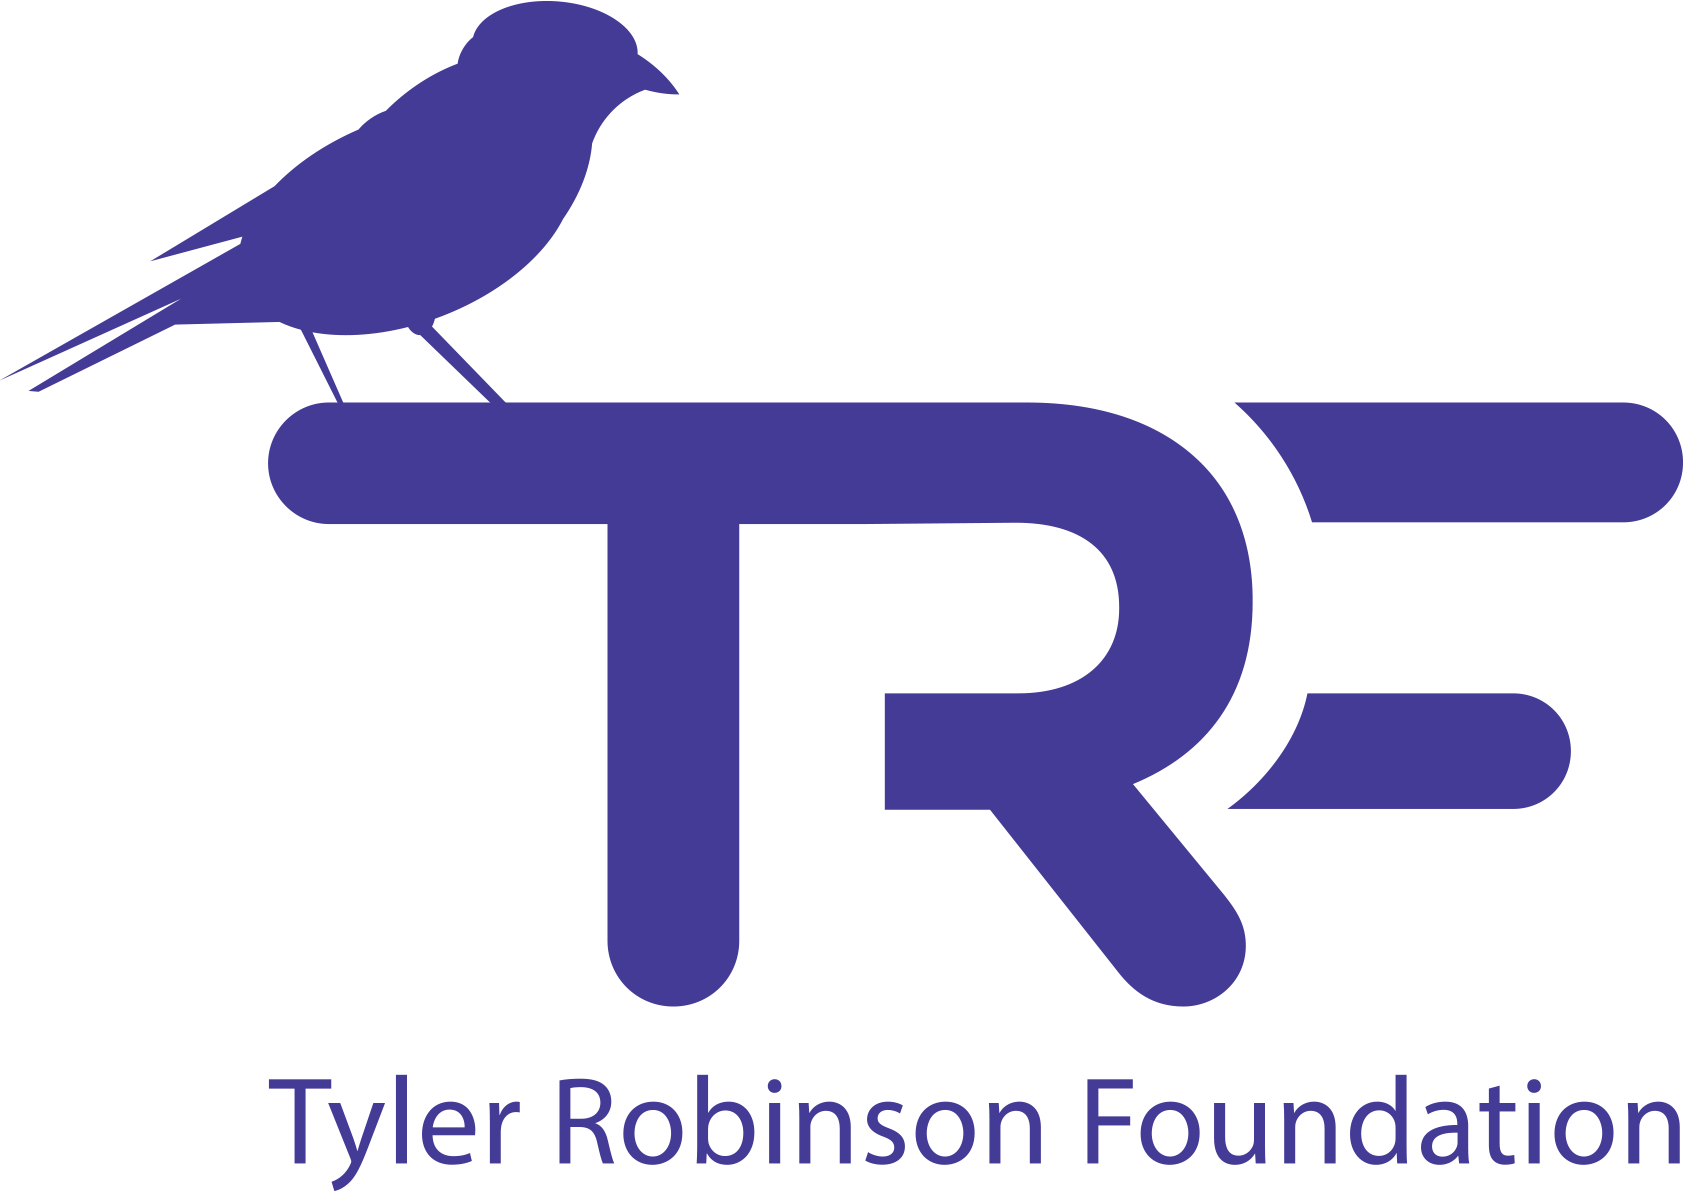 TRF_bird